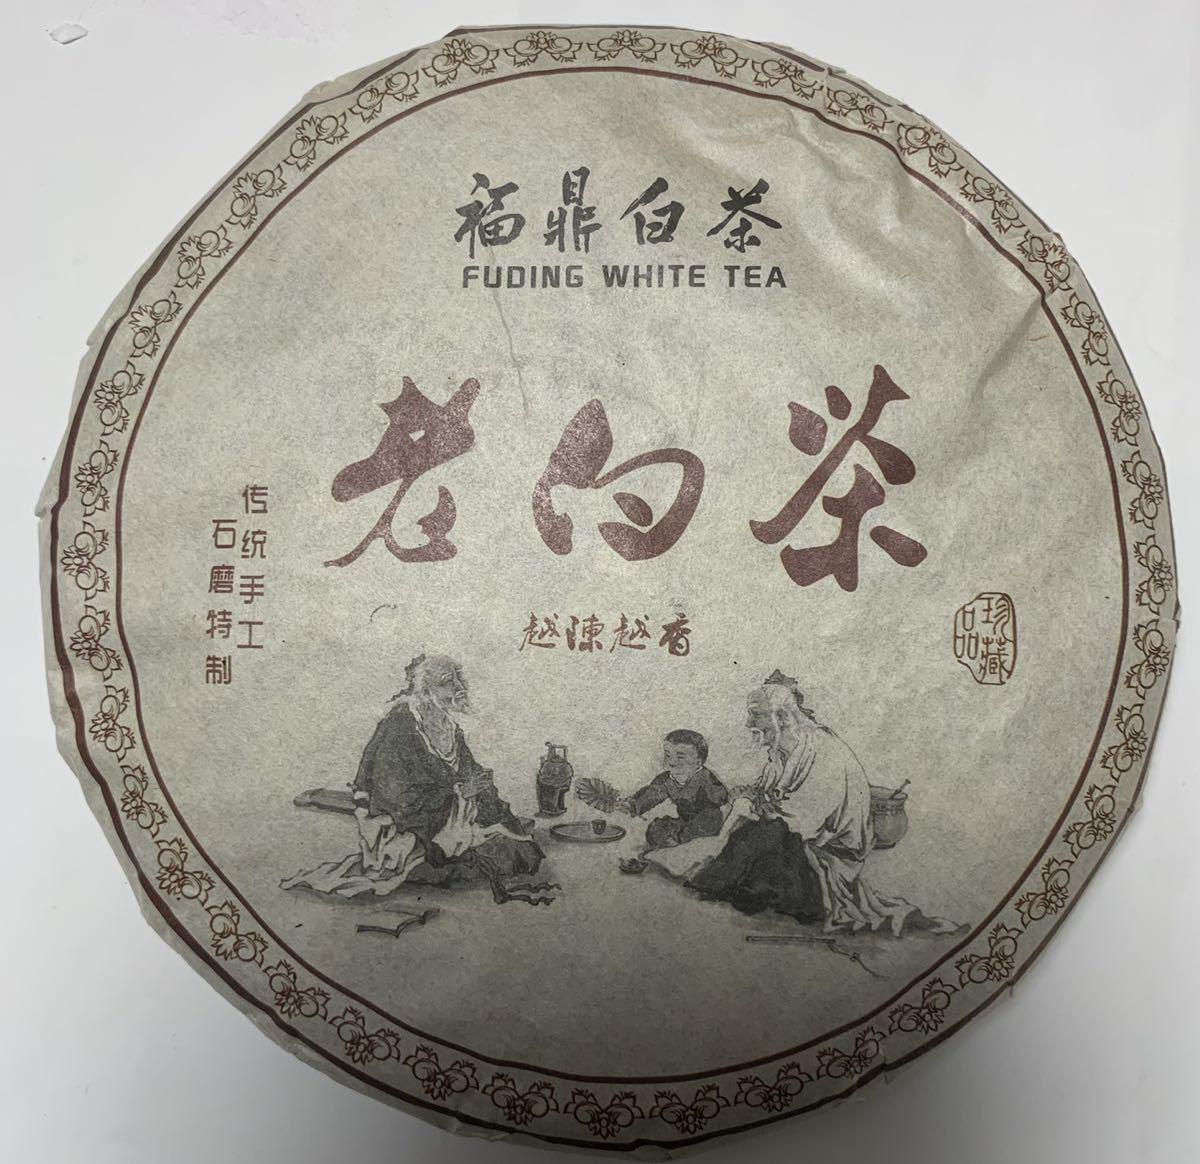 福鼎白茶_画像1